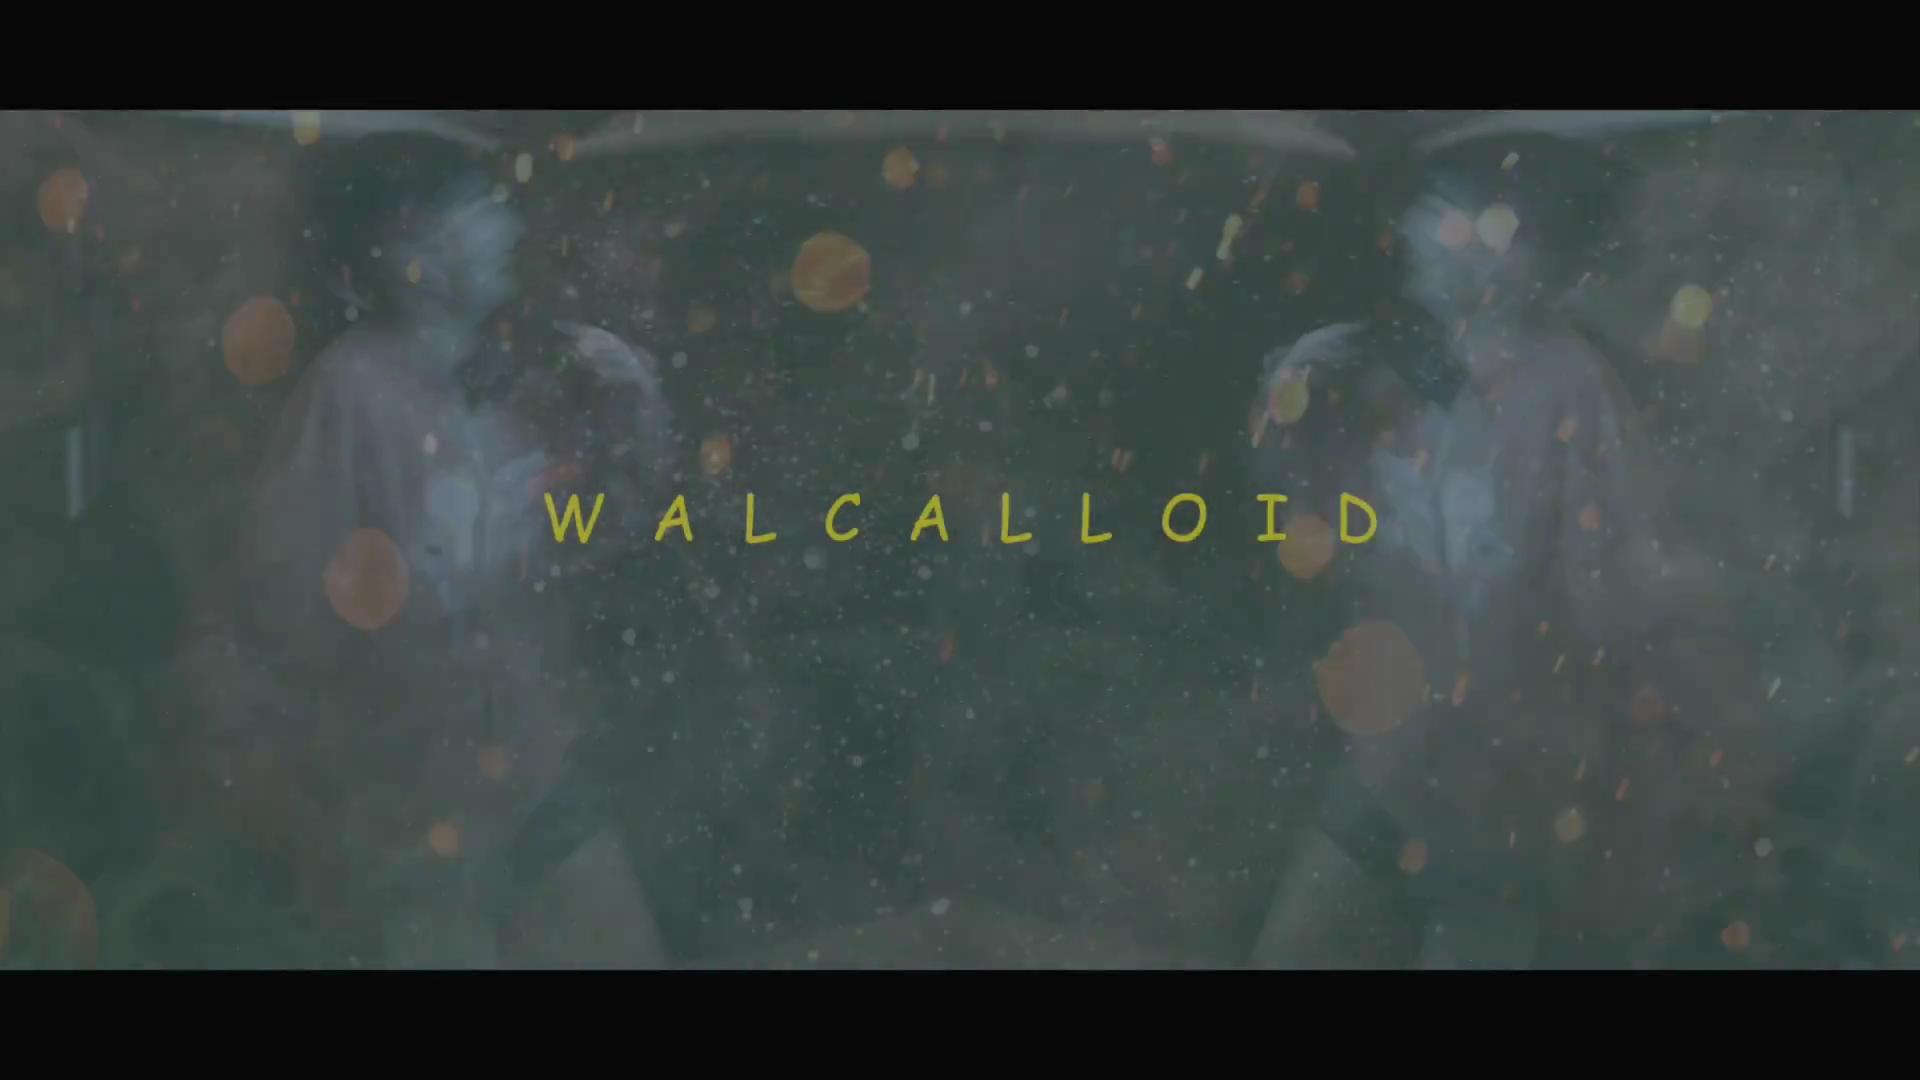 里咲りさ - WALCALLOID (Risa Satosaki - WALCALLOID).mp4_20160316_213447.531